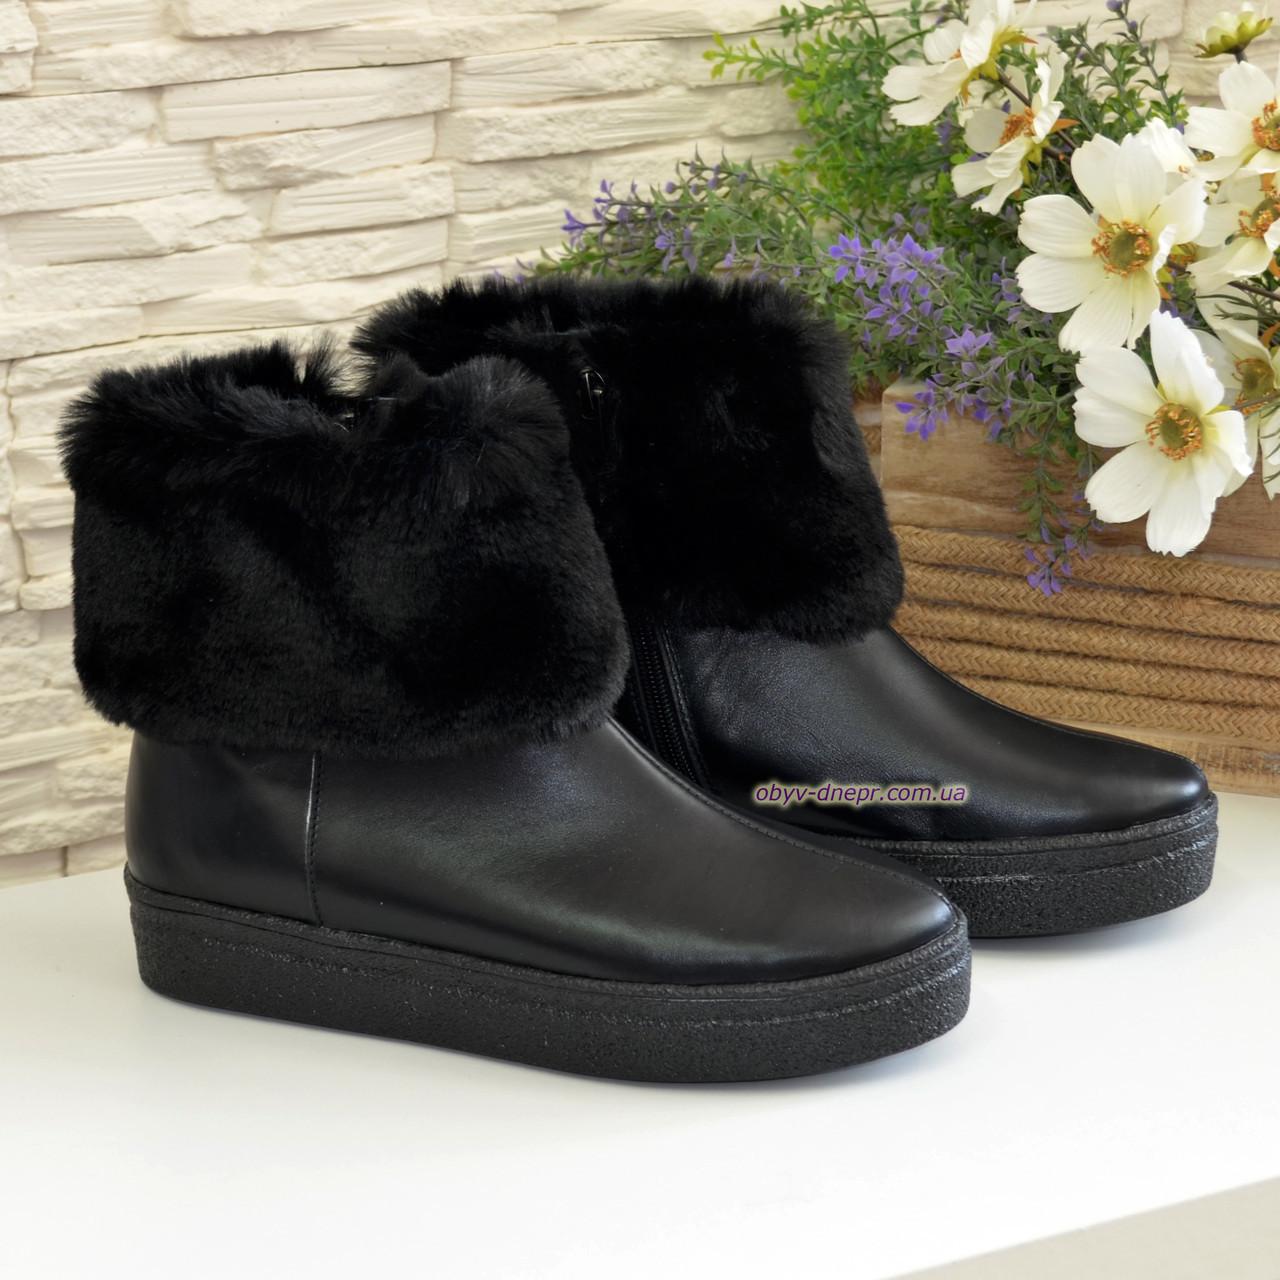 Ботинки черные зимние женские кожаные на утолщенной подошве, декорированы мехом